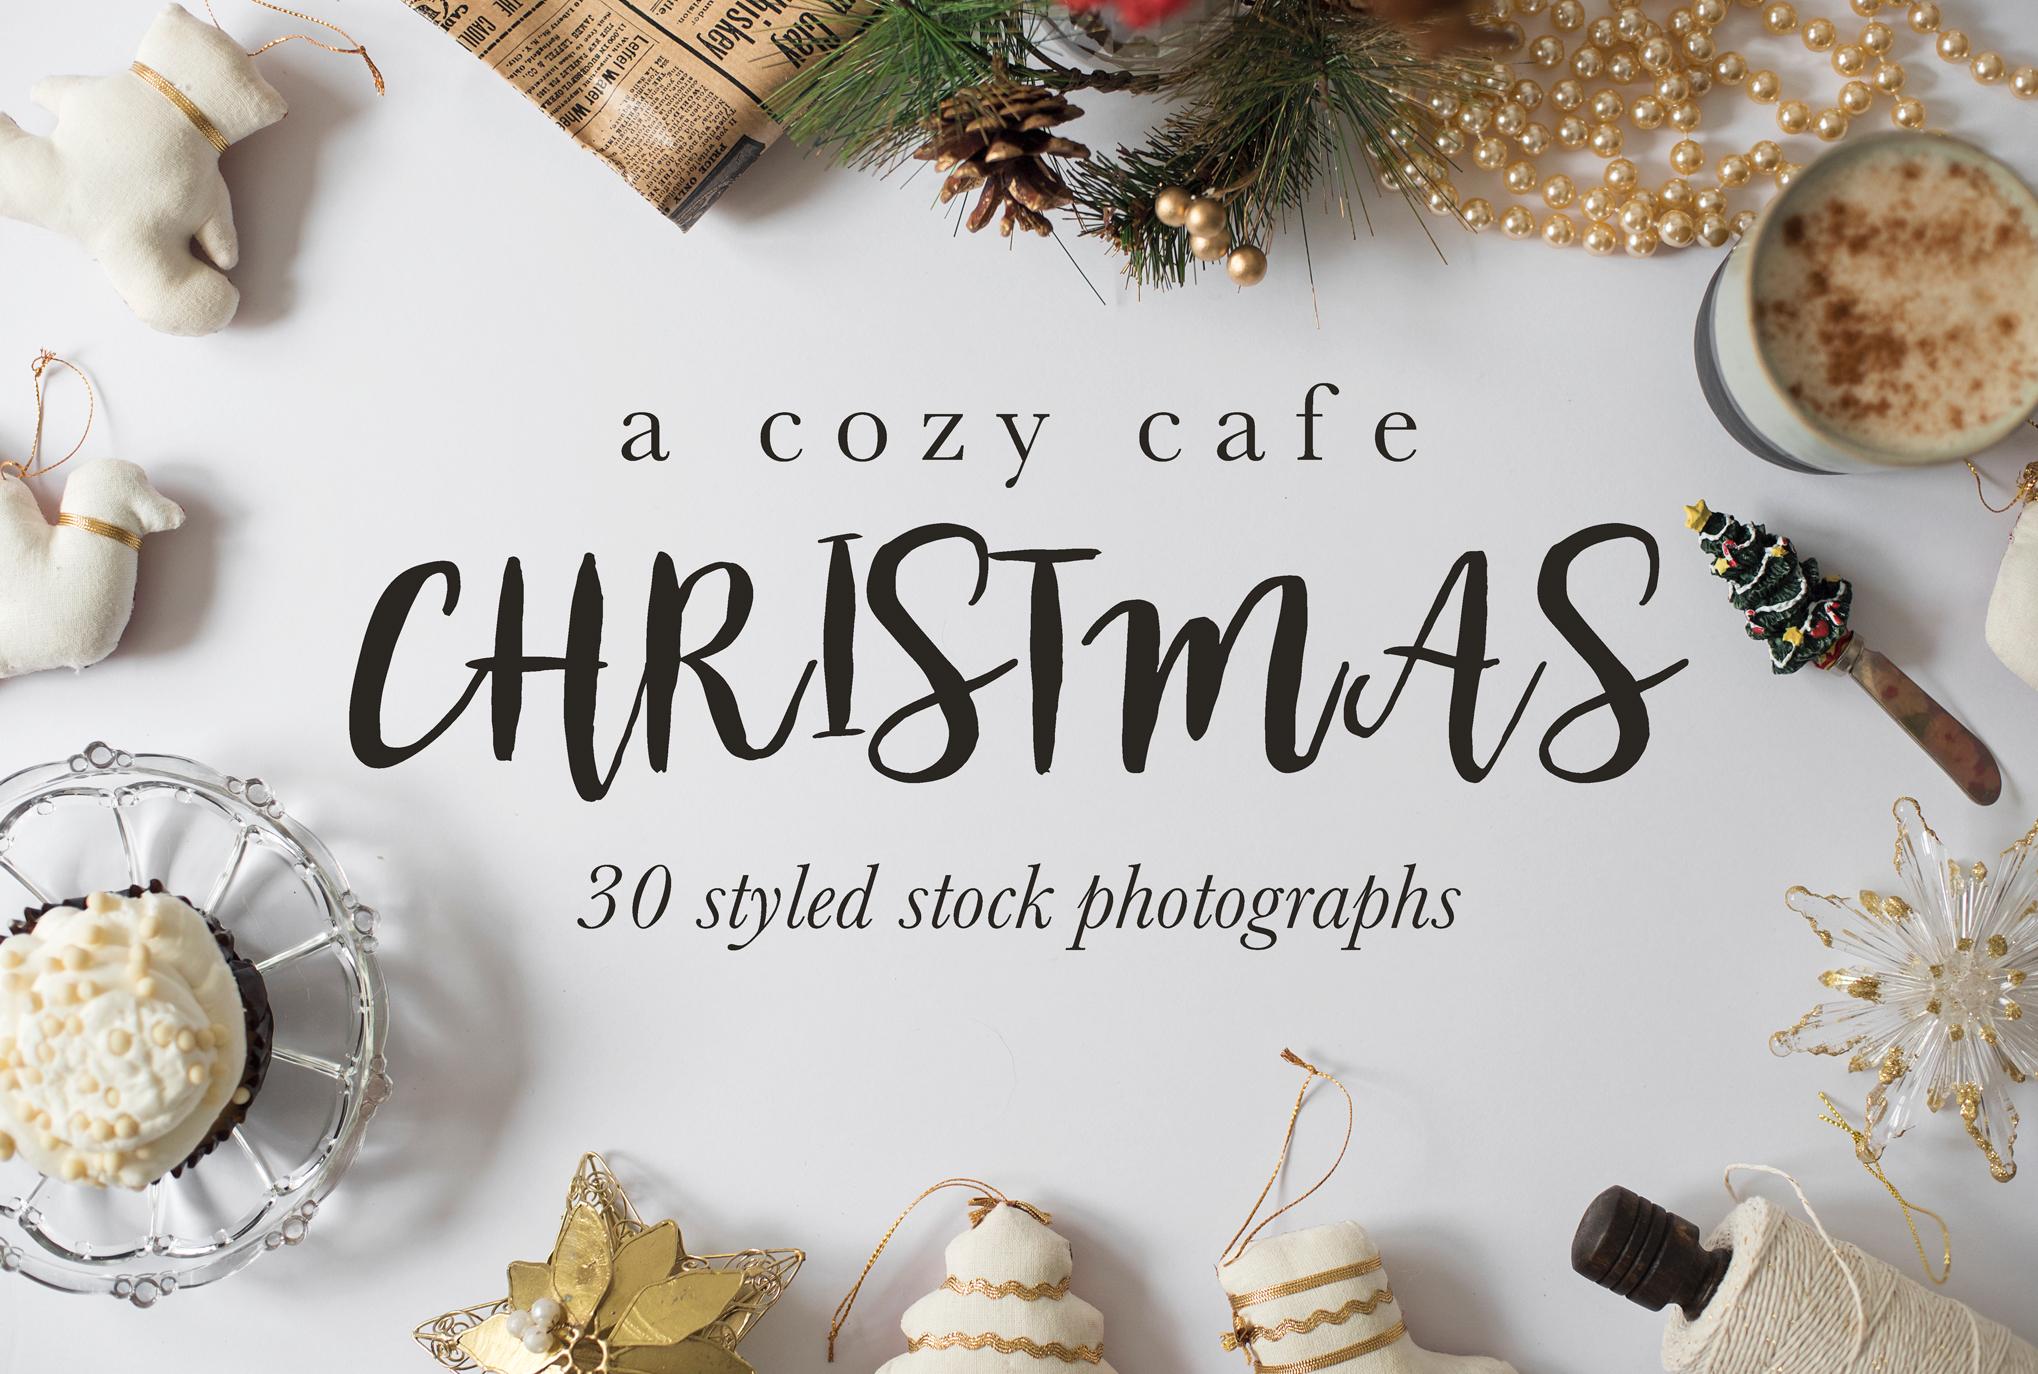 Cozy Cafe Christmas Photo Bundle example image 1